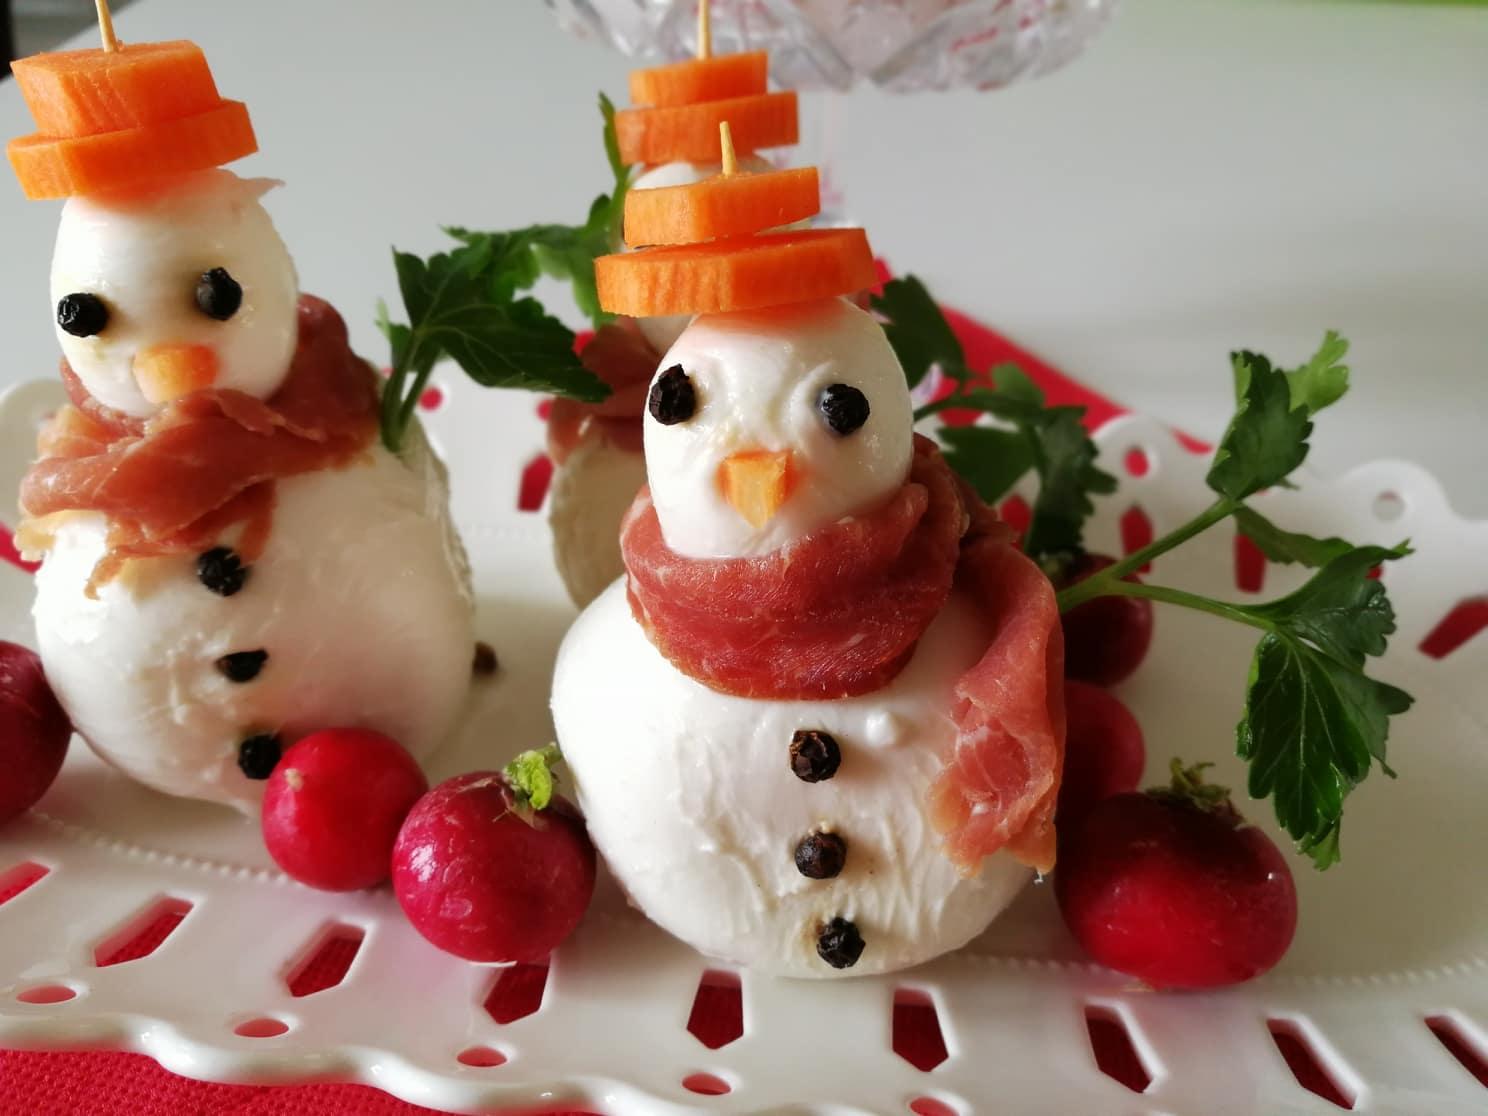 Antipasti Di Natale.Antipasto Di Natale Pupazzi Di Neve Le Migliori Ricette